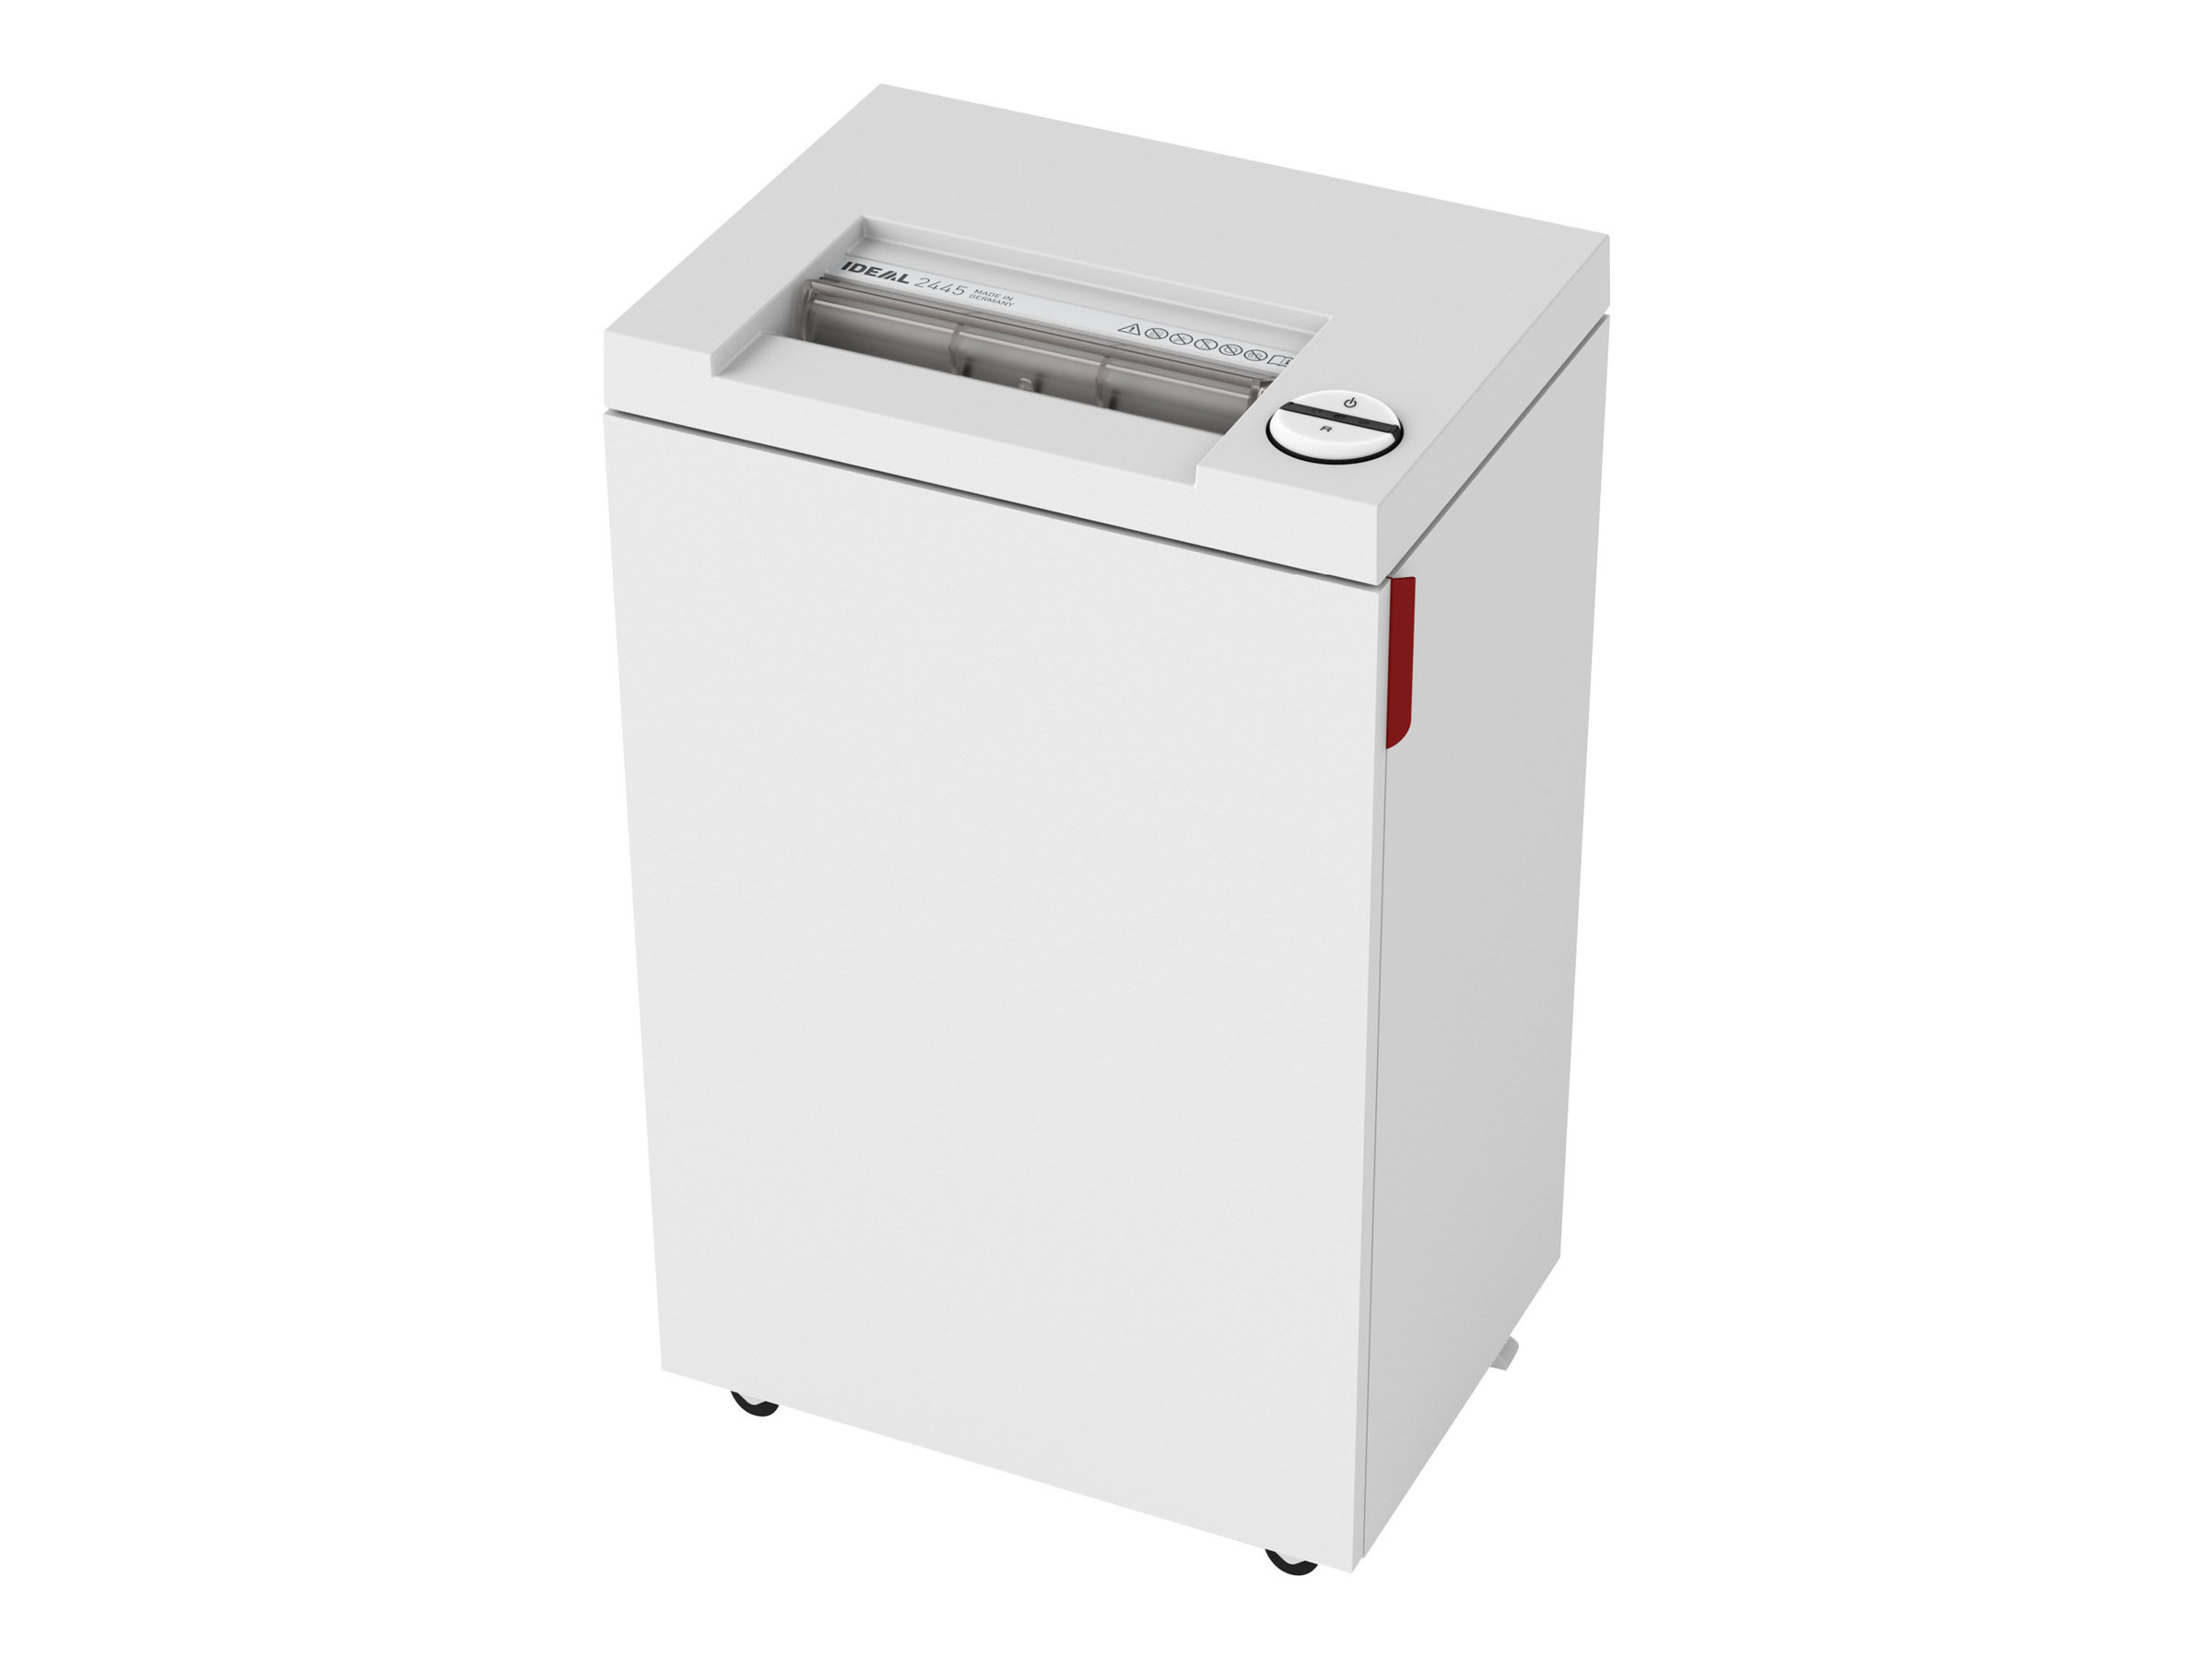 IDEAL 2445 CC - Vorzerkleinerer - Partikelschnitt - 2 x 15 mm - P-5